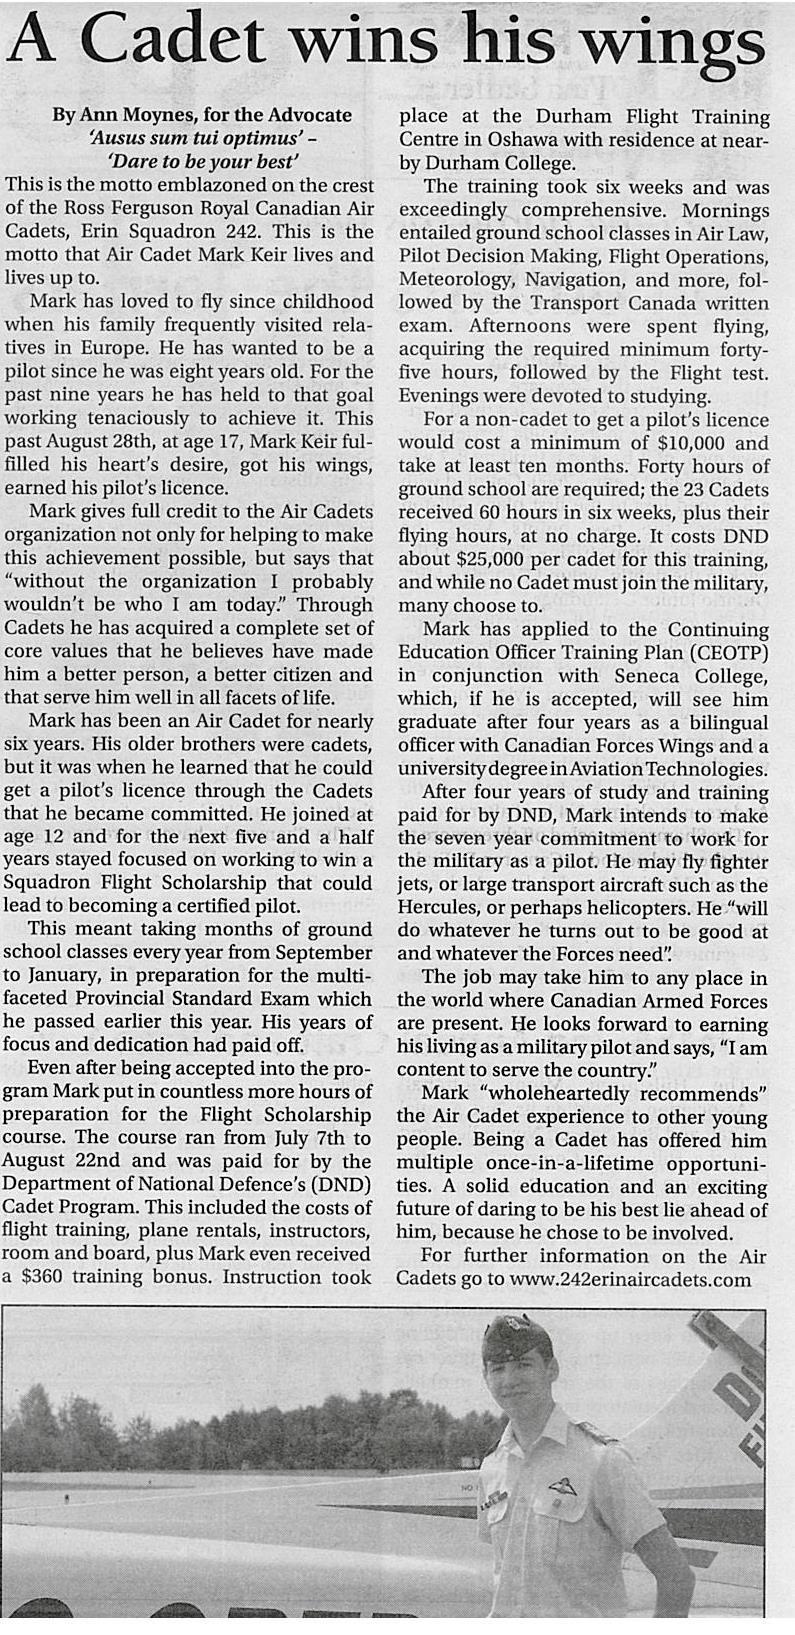 Erin Advocate Article - WO1 Mark Keir November 12 2014 - earns his wings.jpg